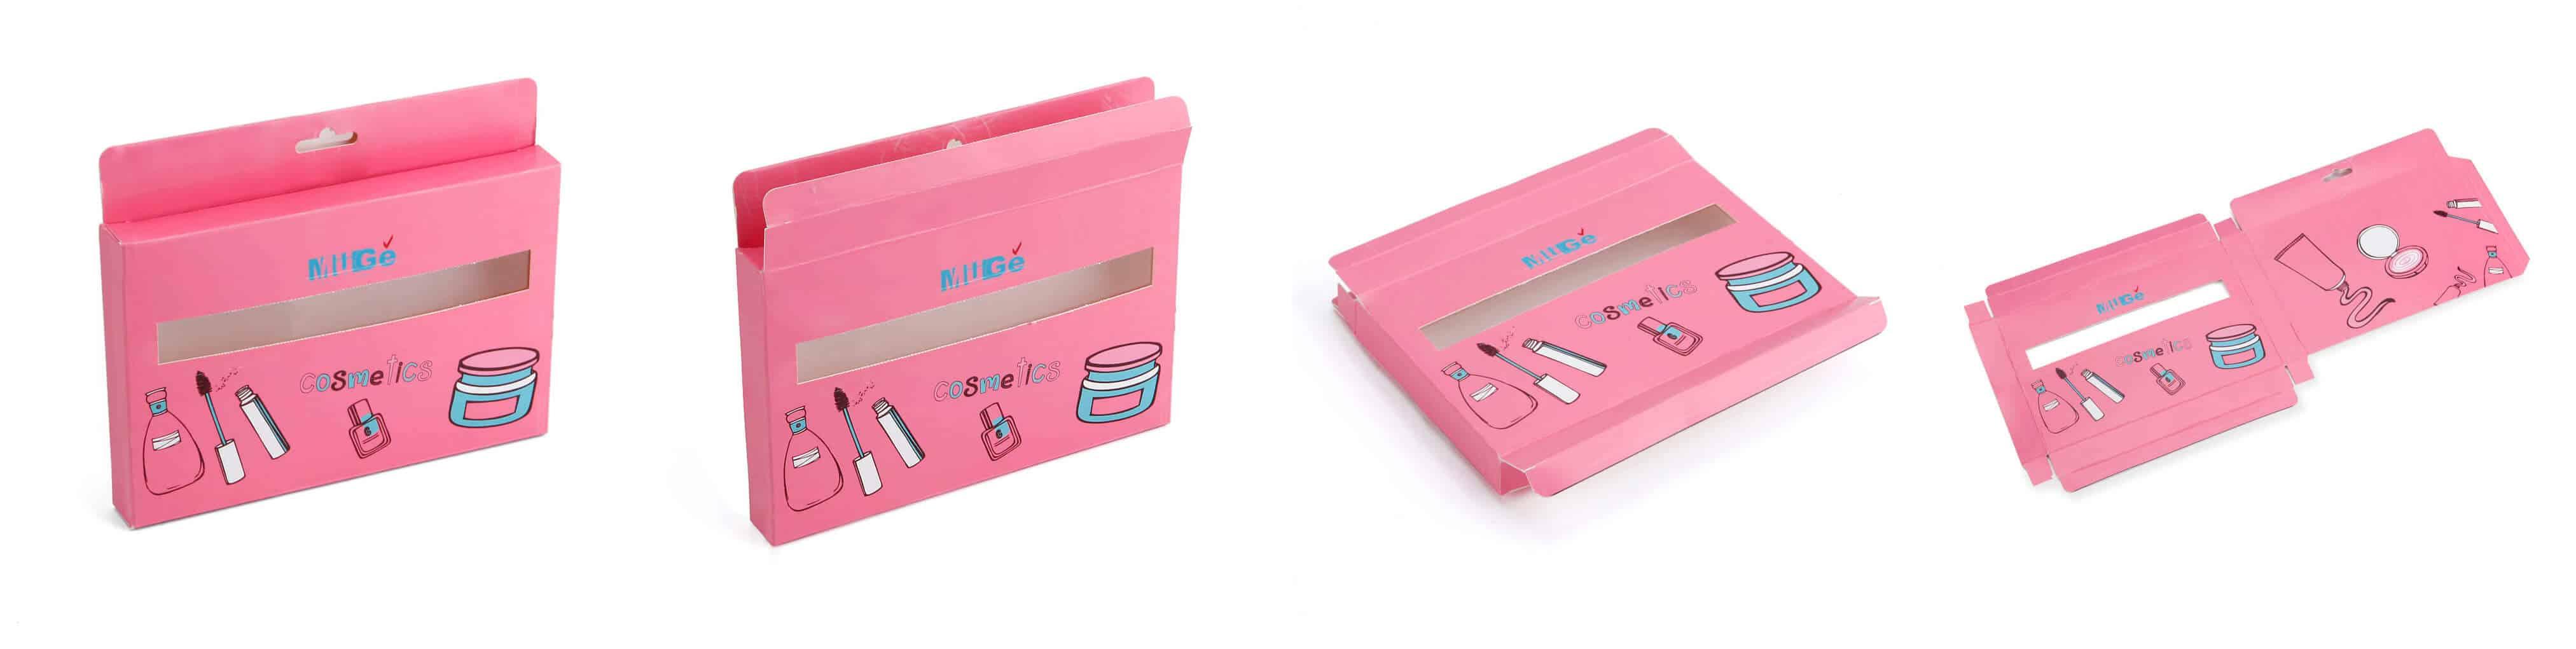 Custom-Cosmetic-Packaging-Supplier-b